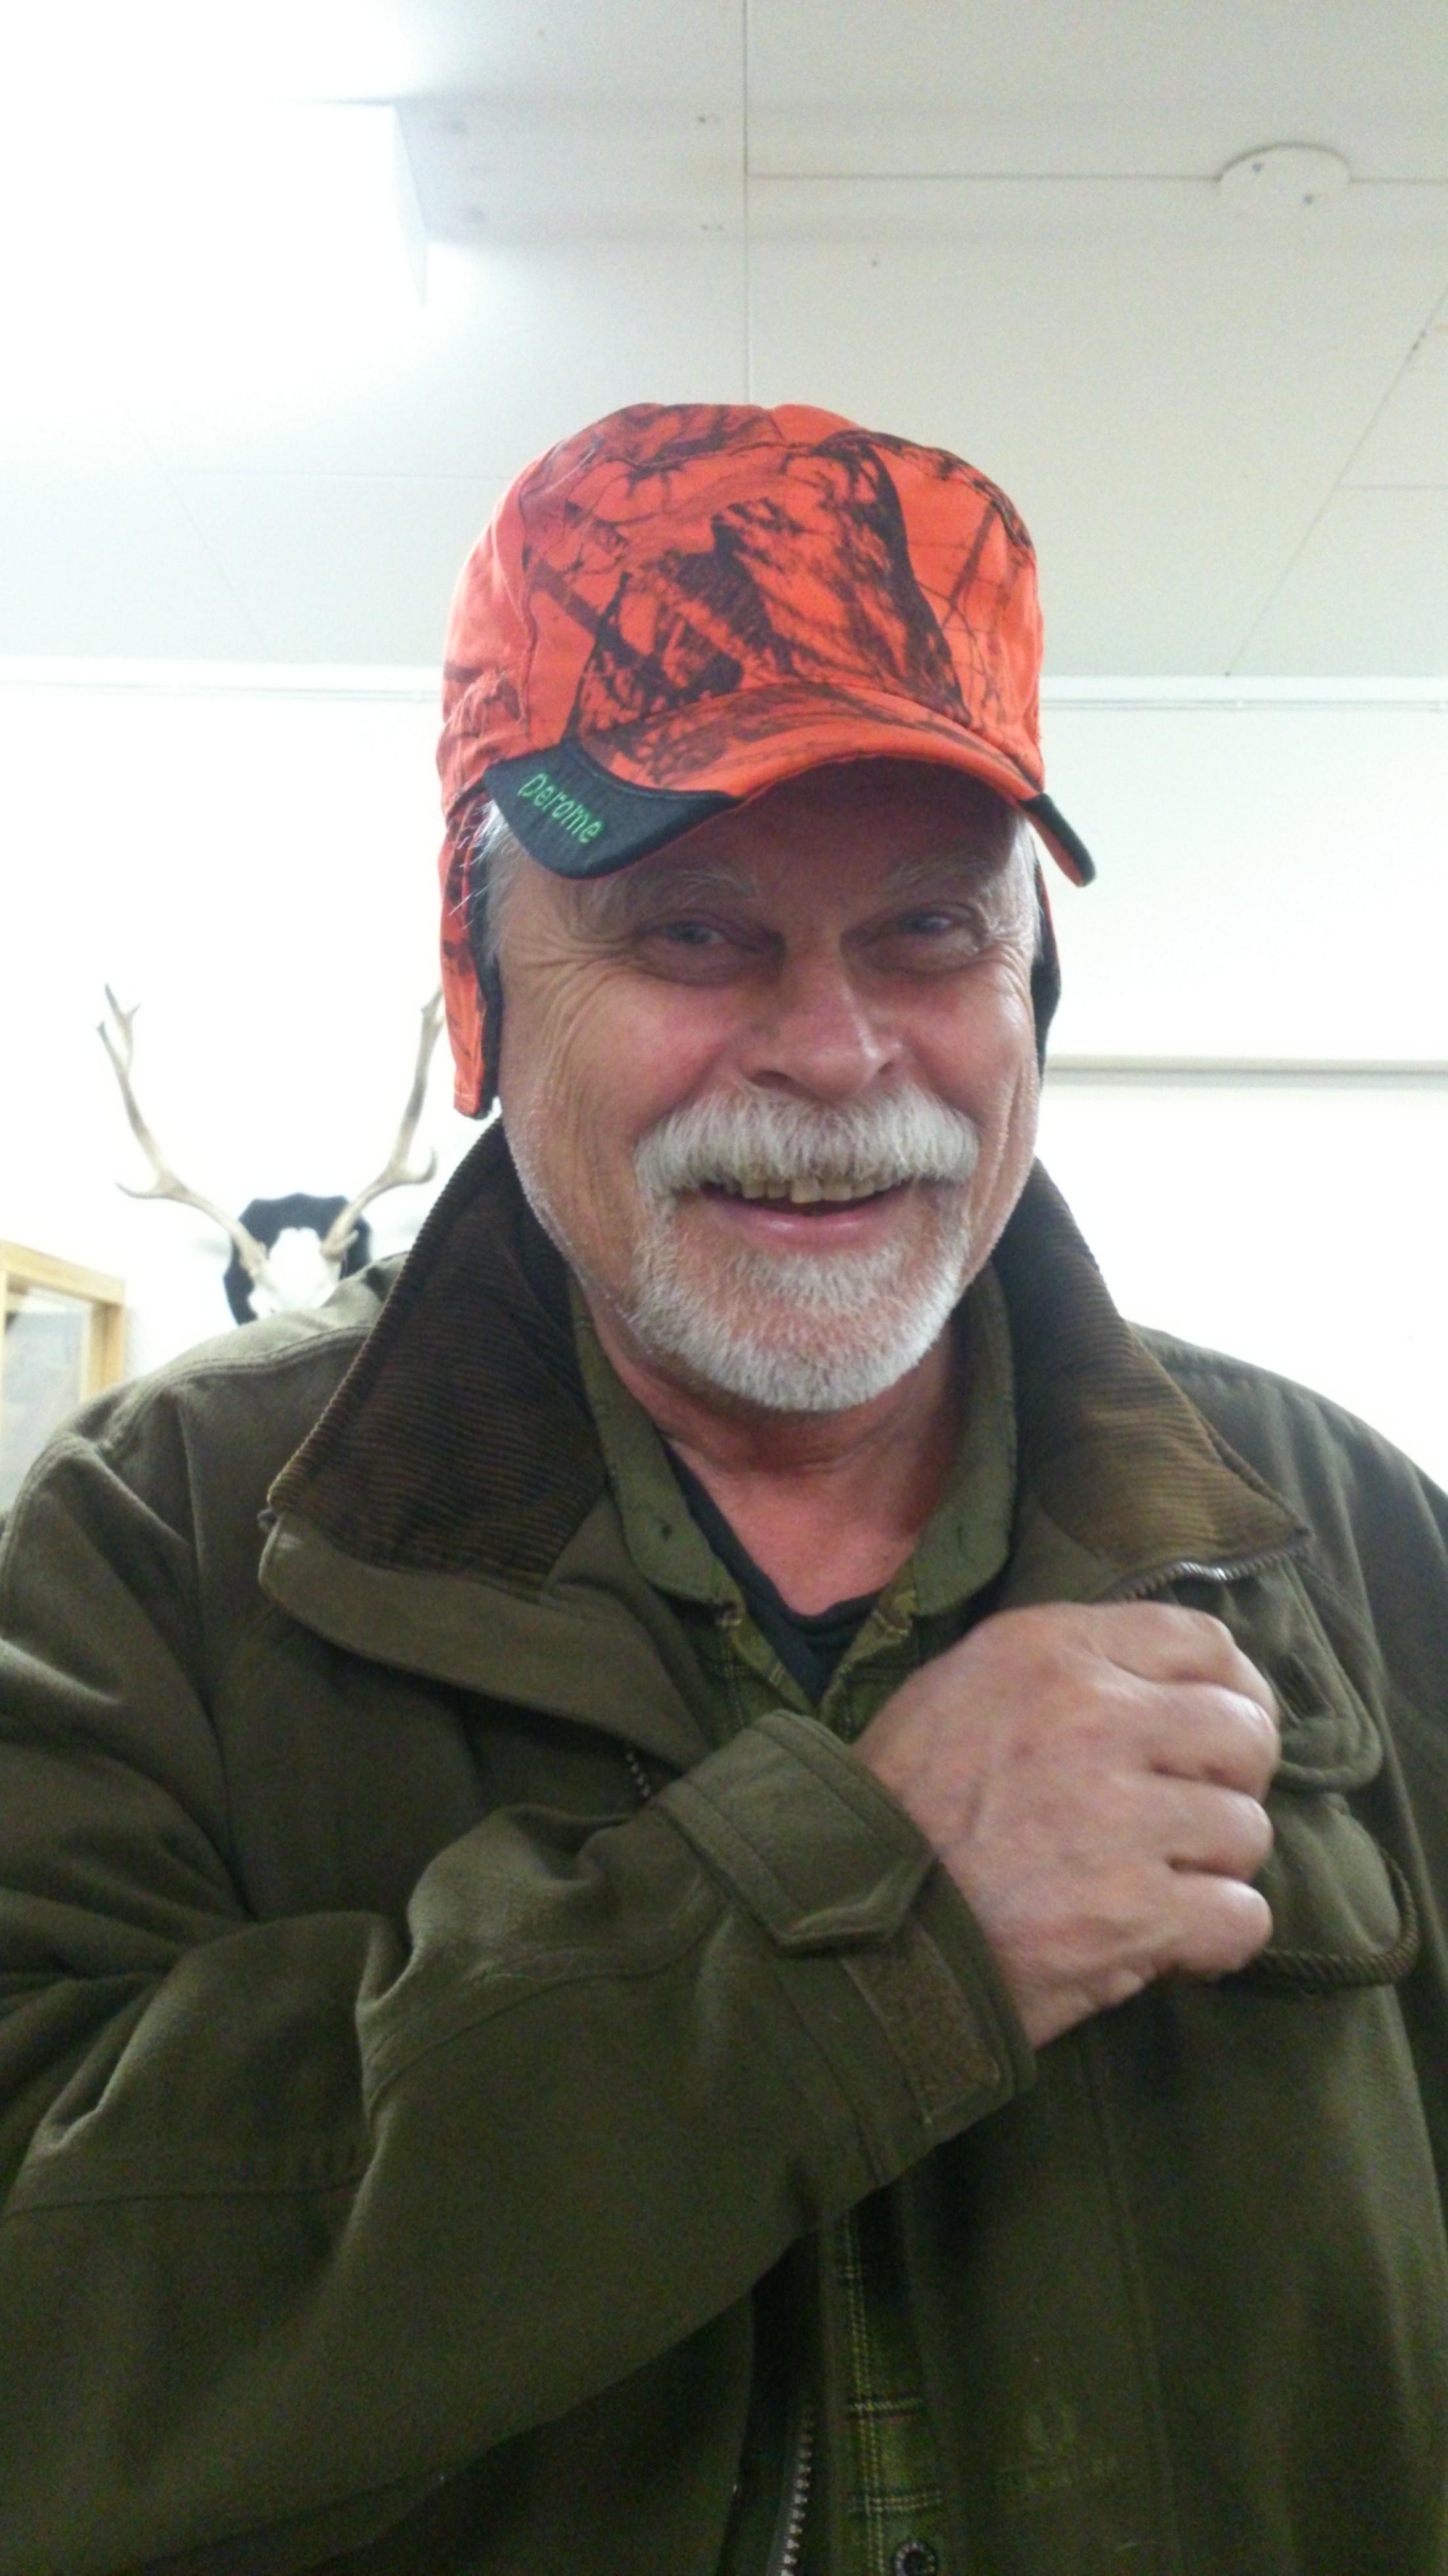 Bo Gustafsson är glad över sin nya varma keps! - DSC_1051-e1427725144897